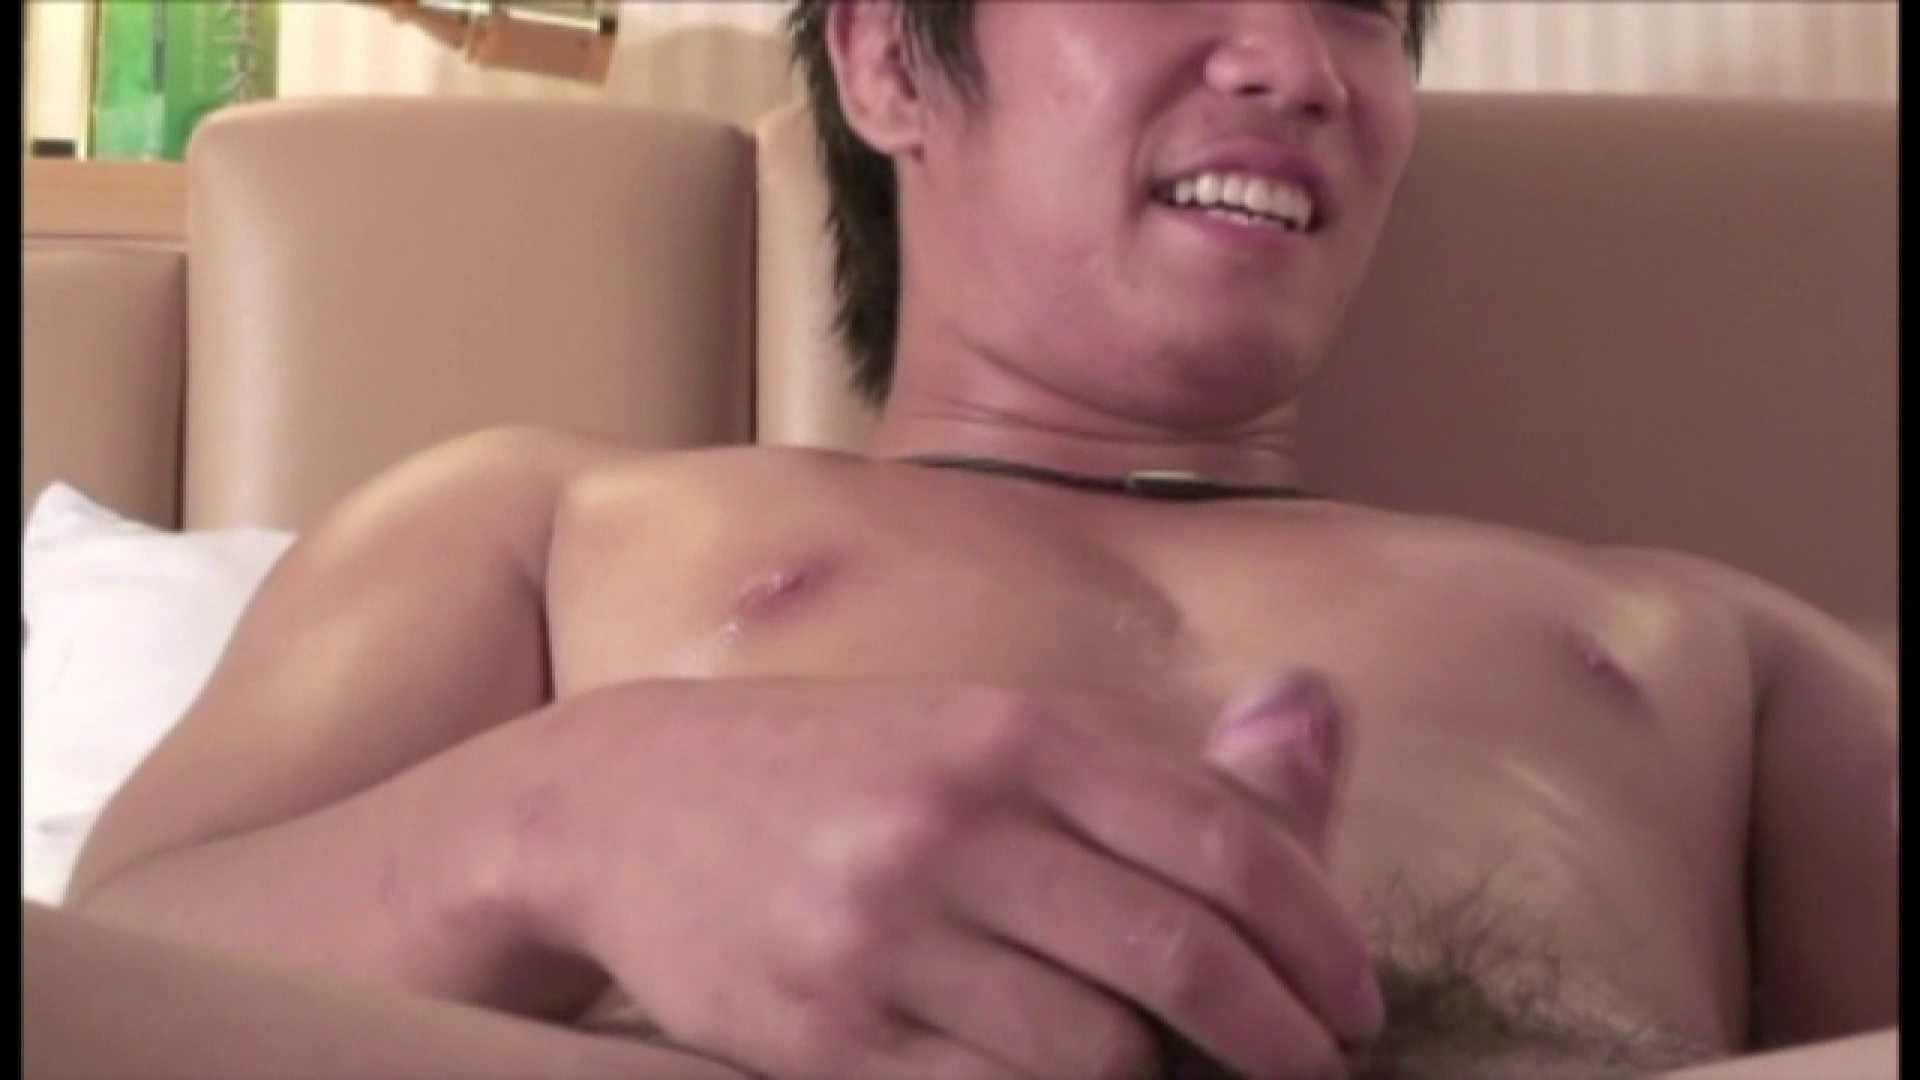 ノンケイケメンの欲望と肉棒 Vol.25 エロ  90pic 26